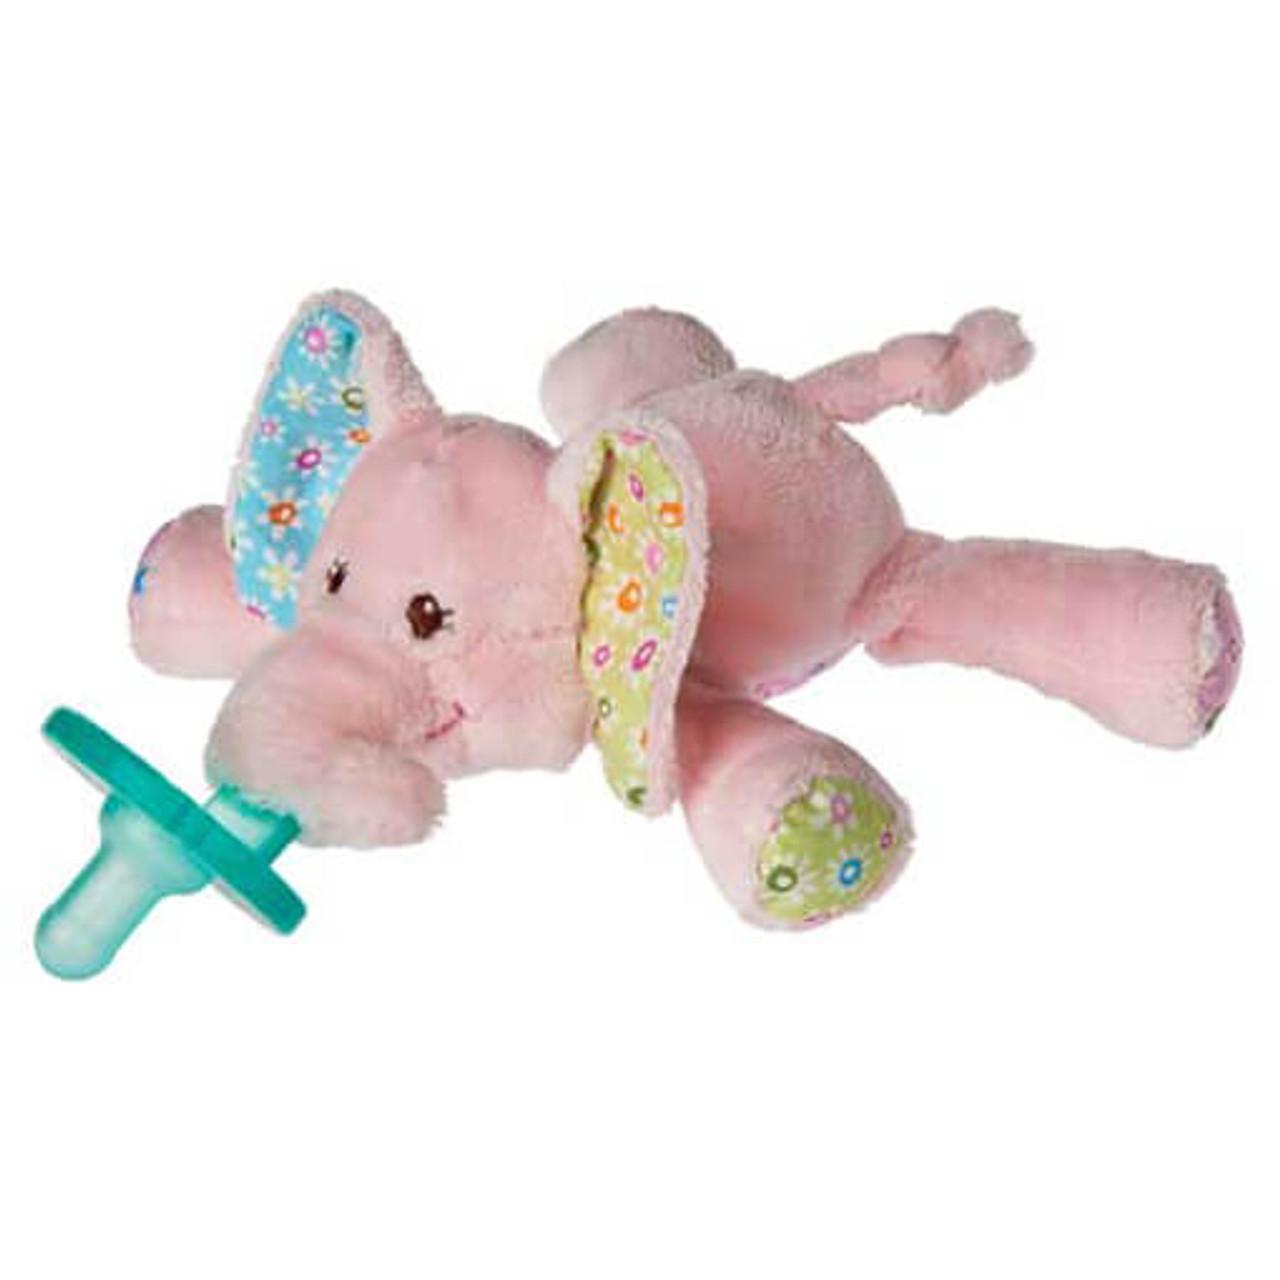 ella bella elephant wubbanub mary meyer